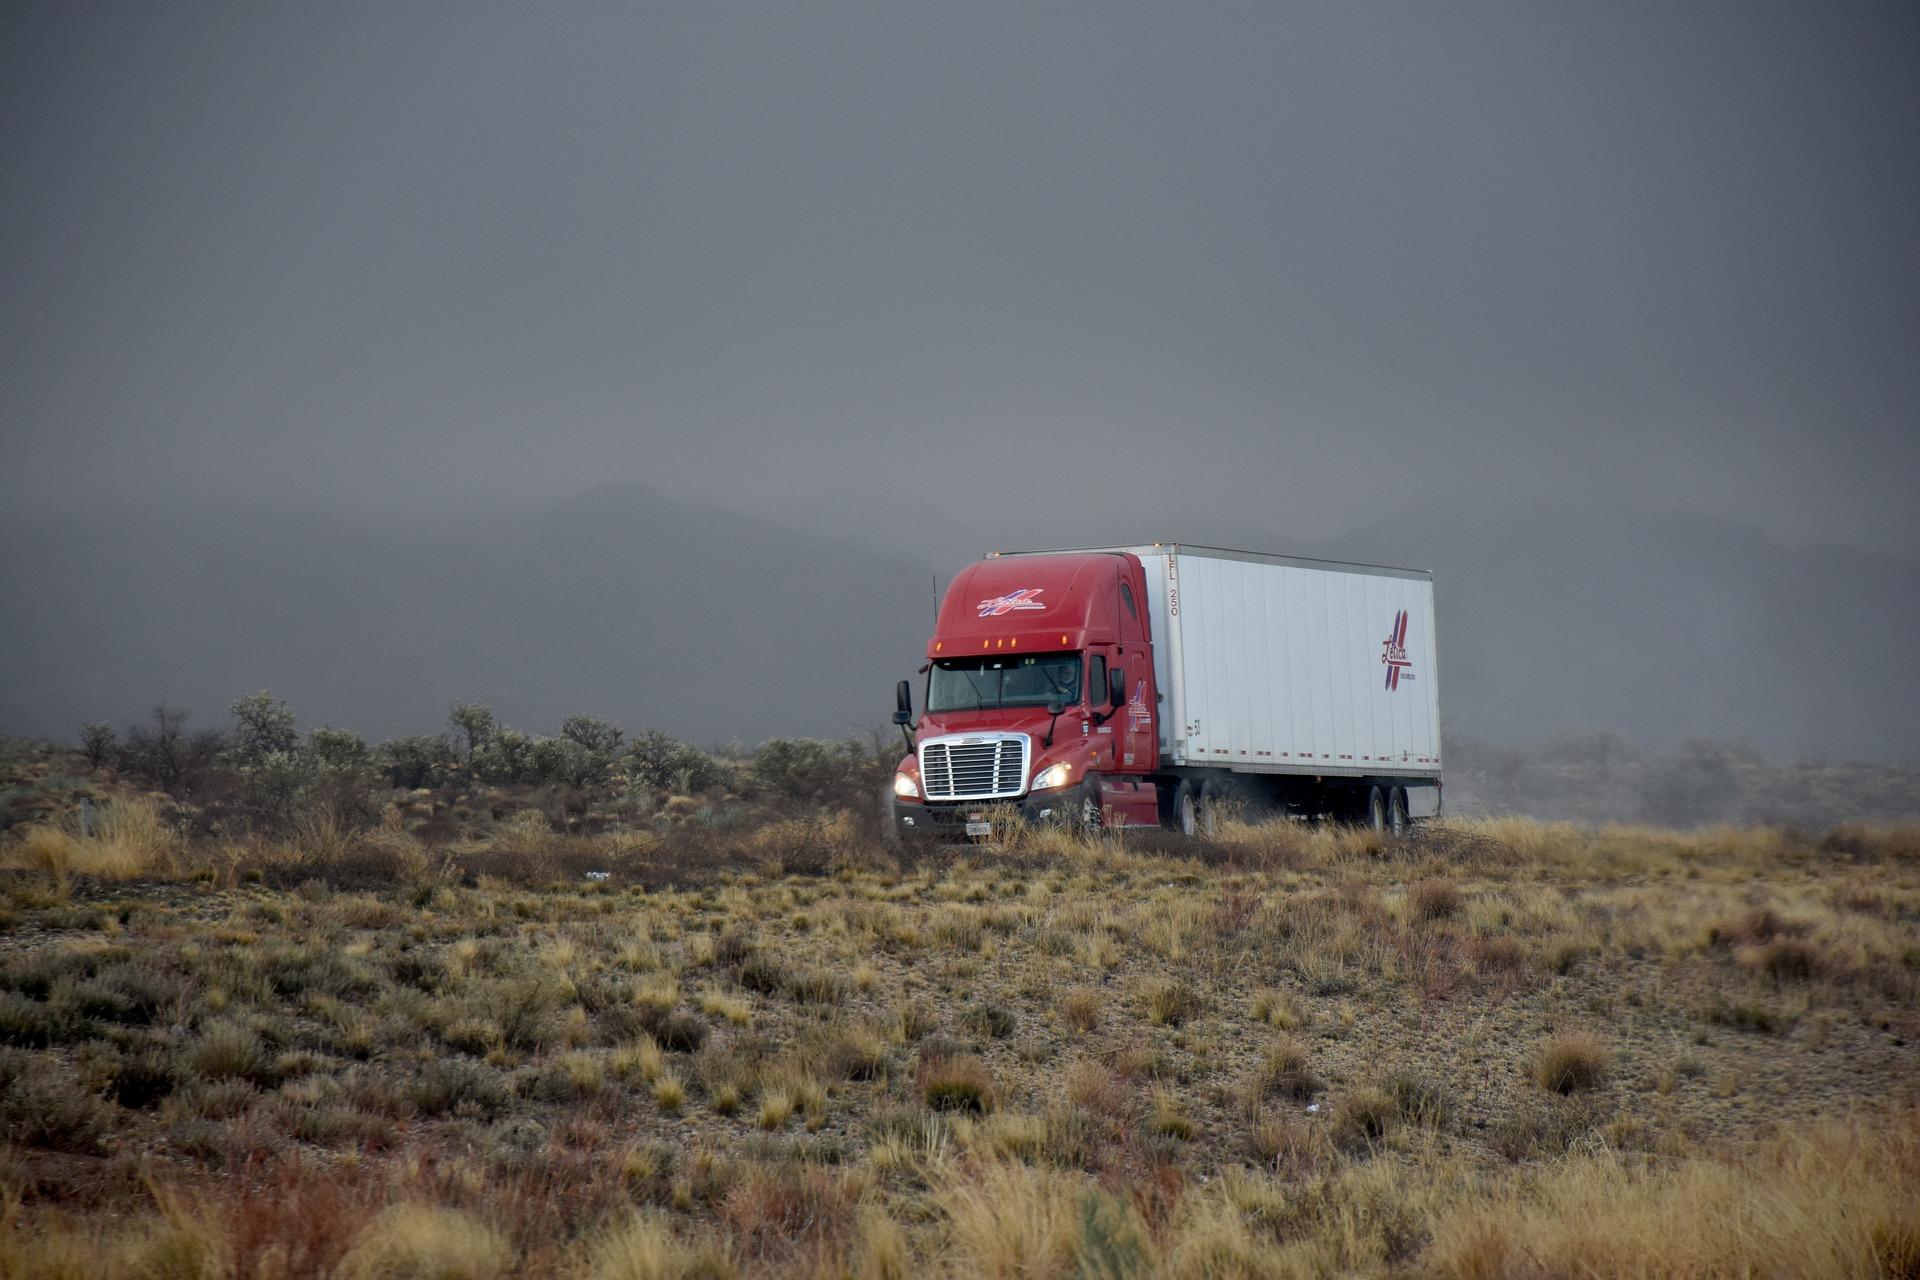 carretera tacografo digital